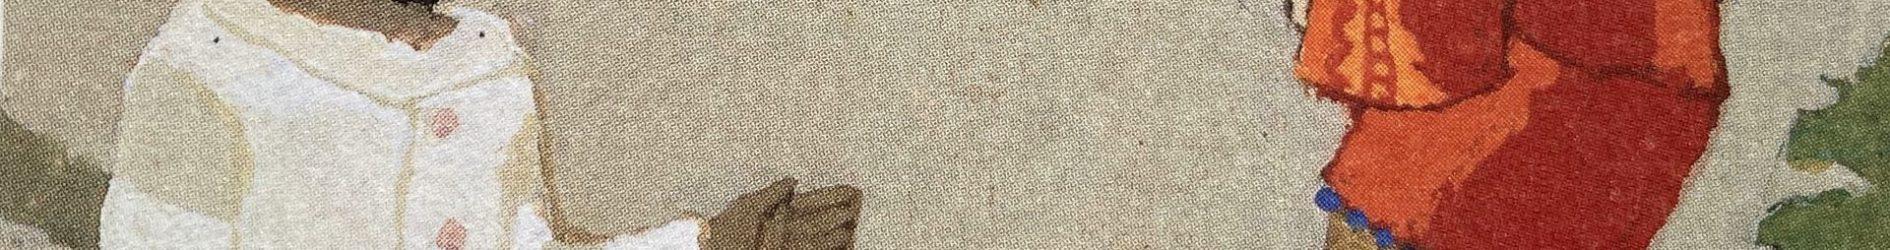 Blog: Zacheüs-momentje #wijtellenallemaalmee